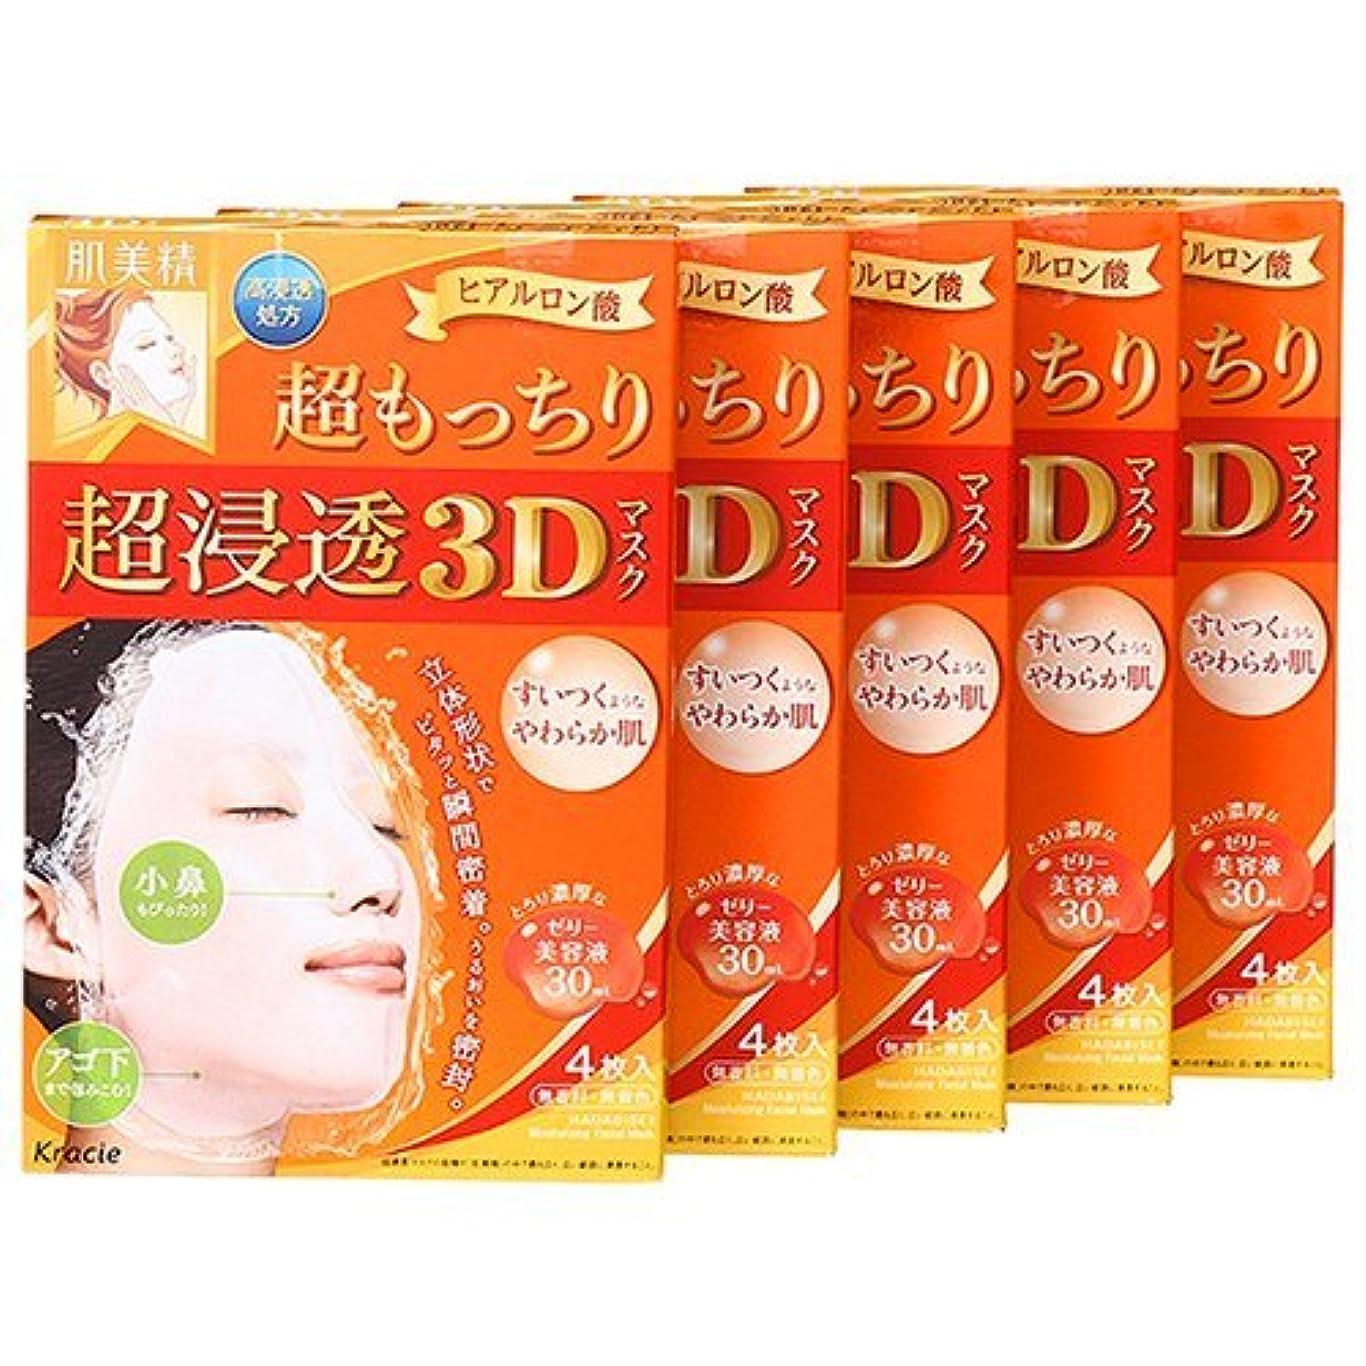 余韻厚いクリエイティブクラシエホームプロダクツ 肌美精 超浸透3Dマスク 超もっちり 4枚入 (美容液30mL/1枚) 5点セット [並行輸入品]